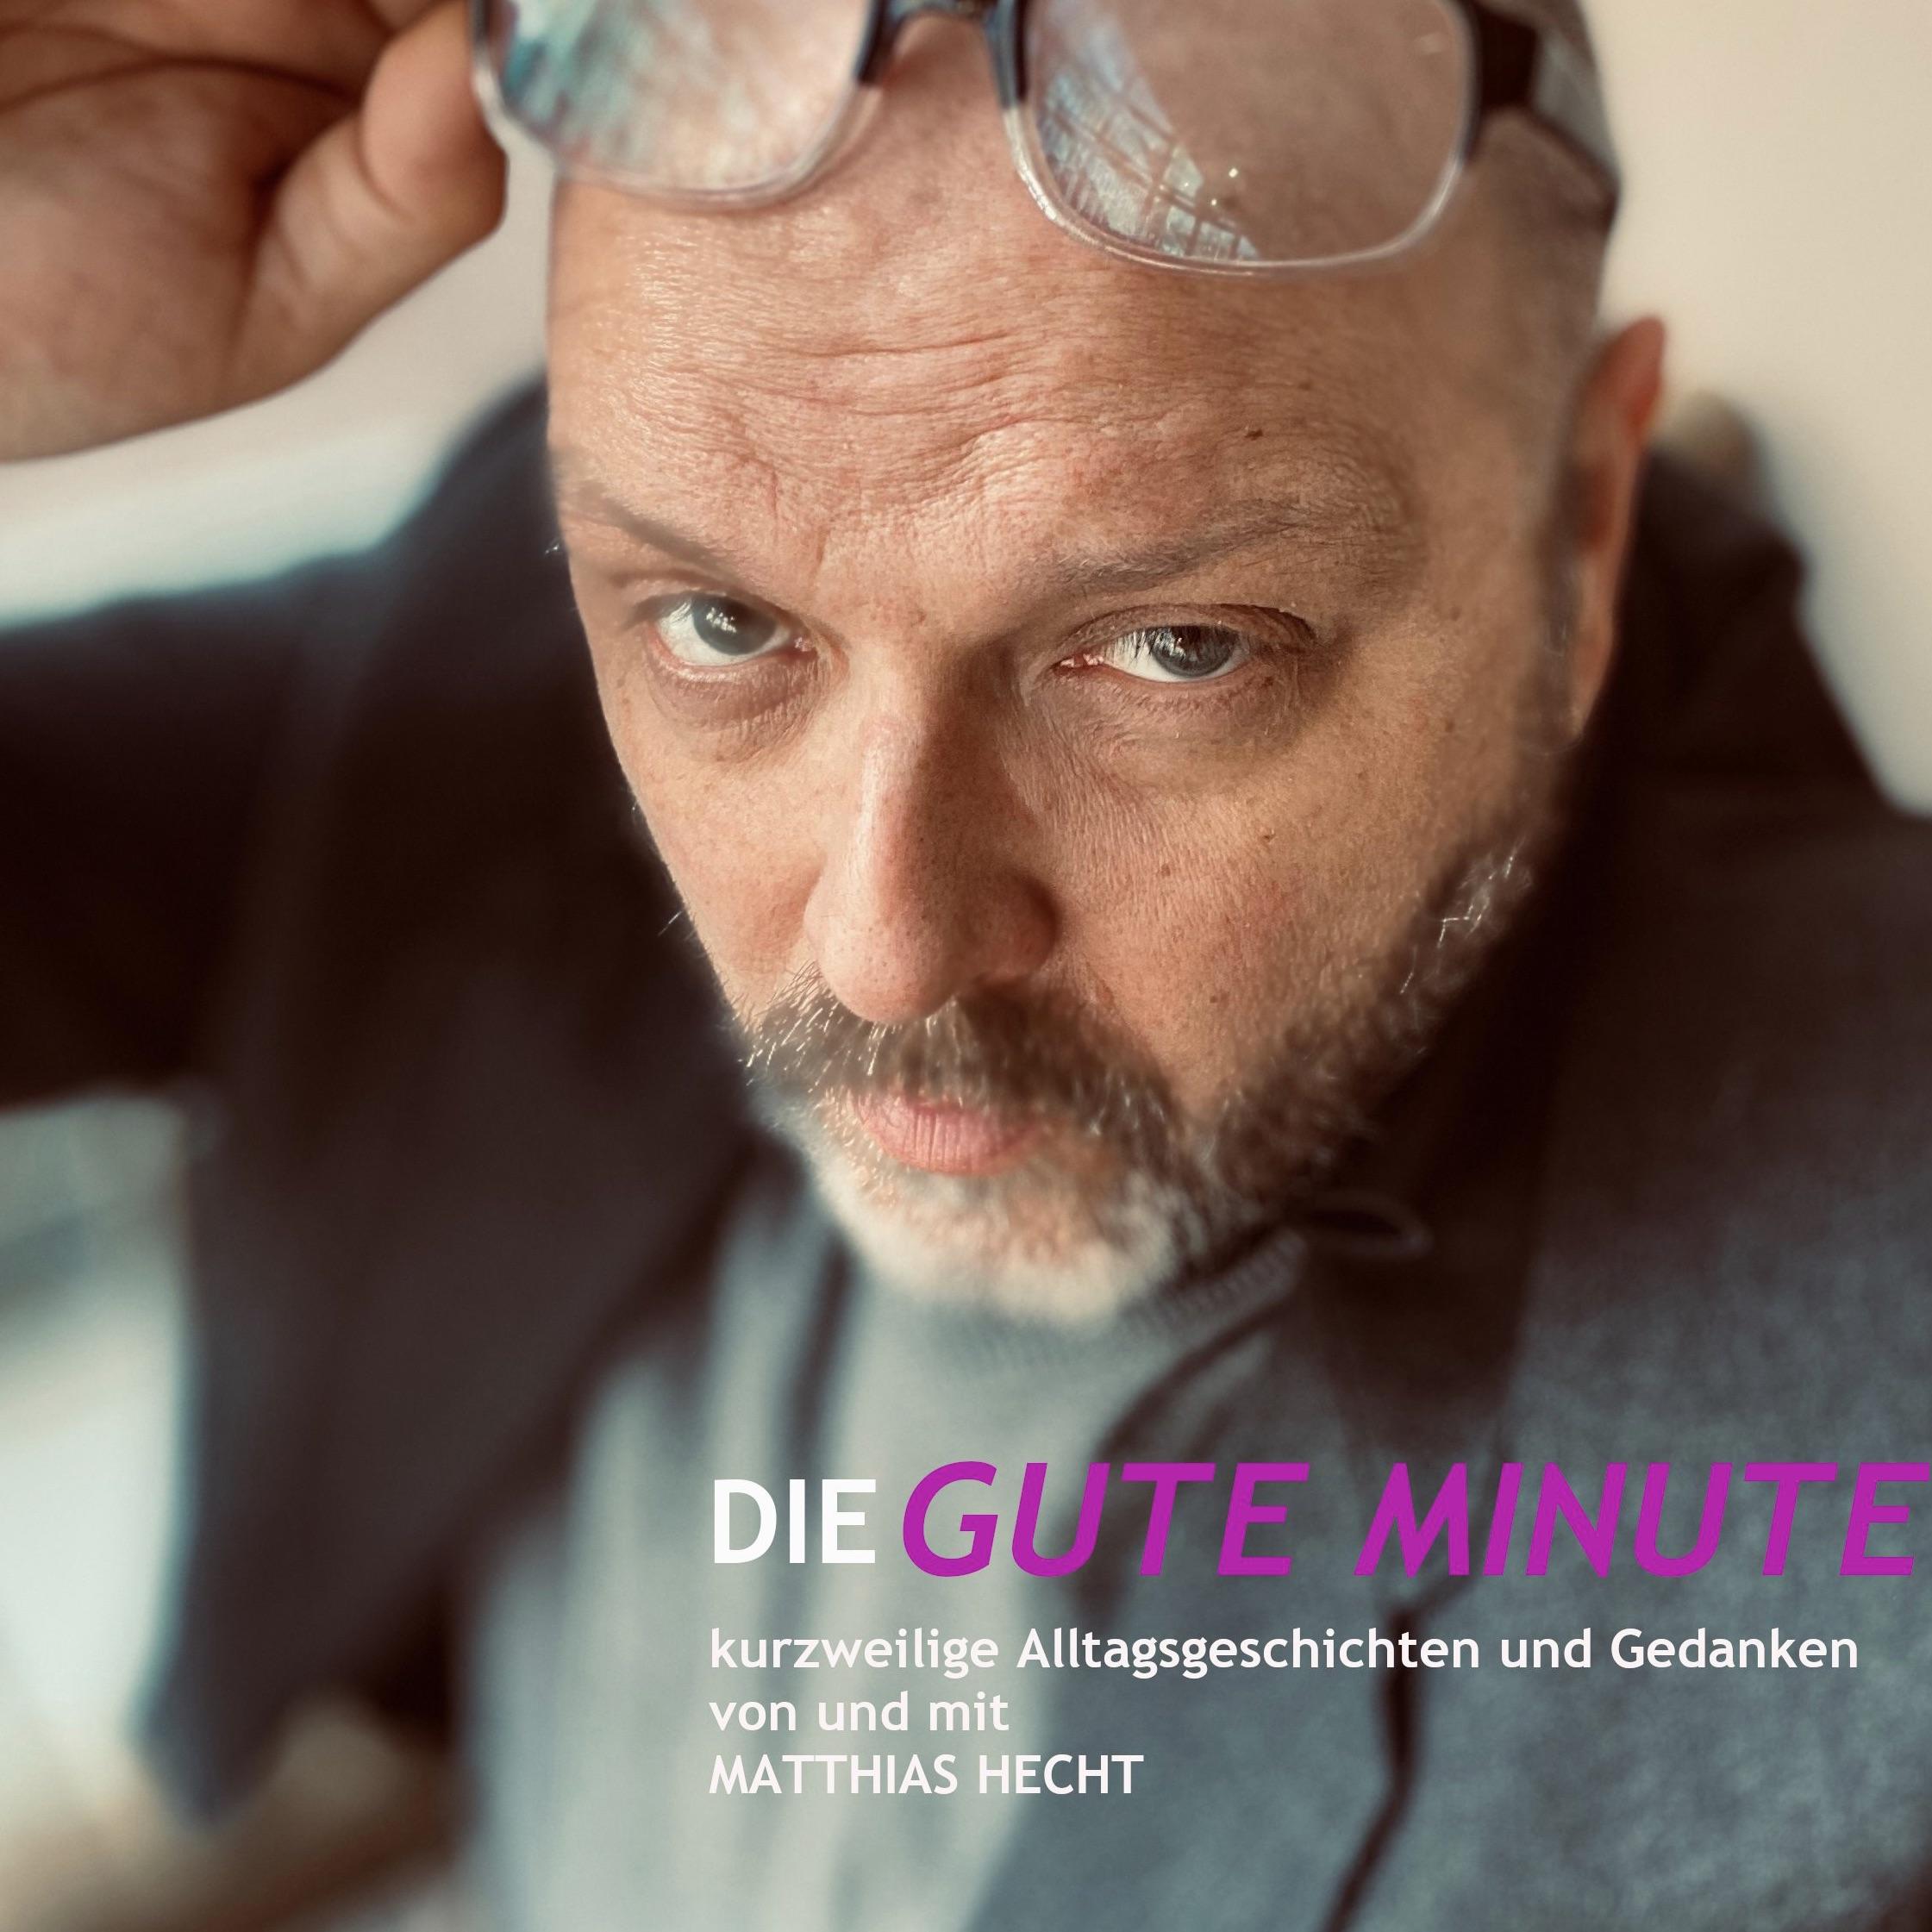 Cover des Podcast von Matthias Hecht Die Gute Minute